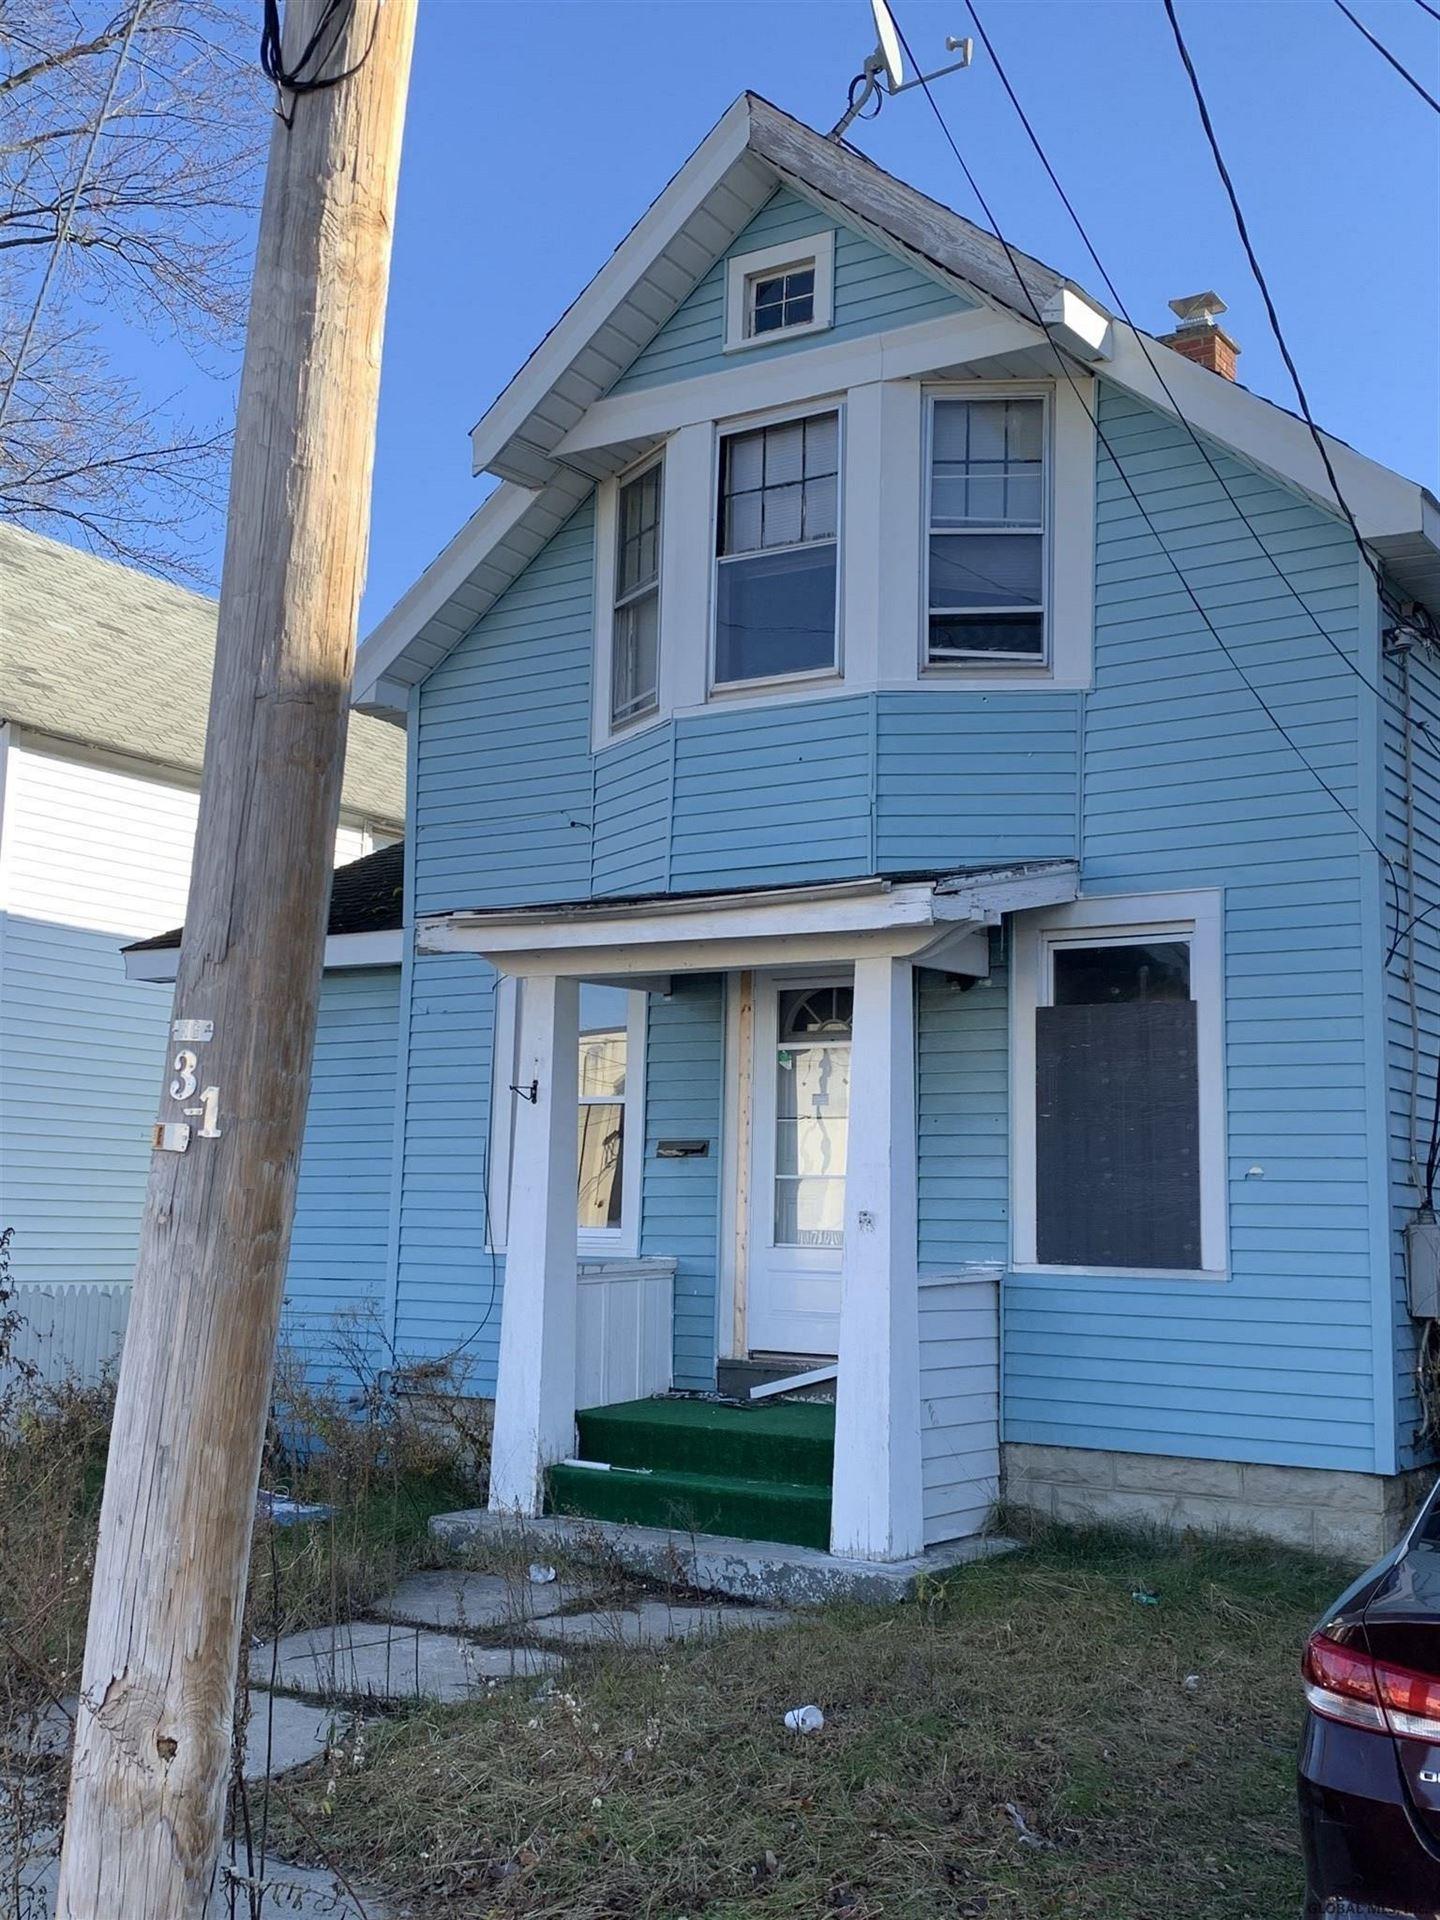 3 ELBERT ST, Schenectady, NY 12304 - #: 202033977